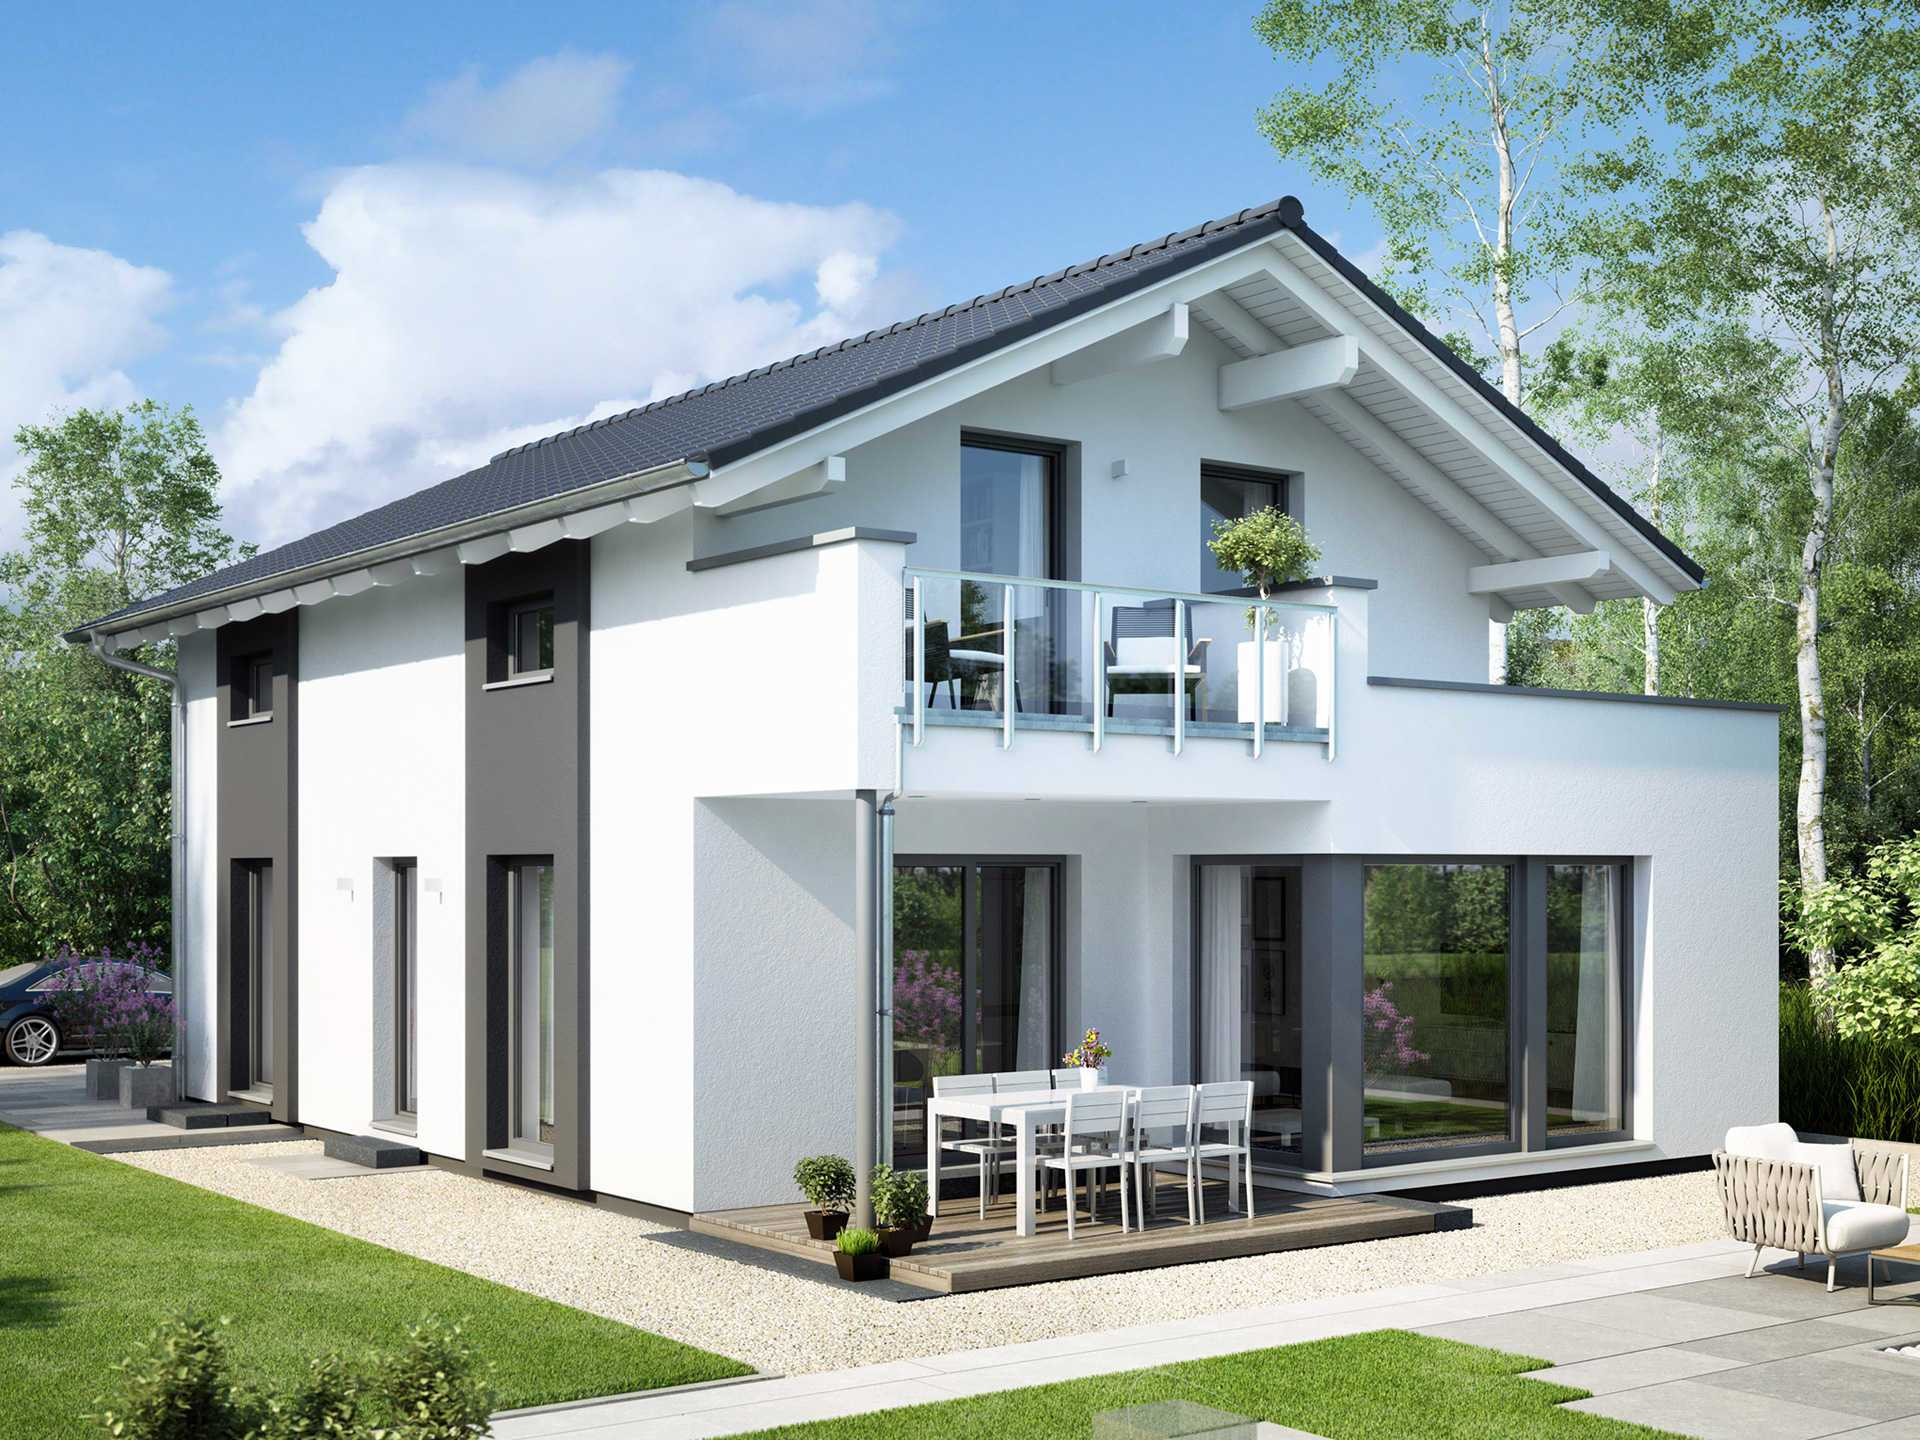 Einfamilienhaus edition 2 v3 bien zenker for Einfamilienhaus zweifamilienhaus